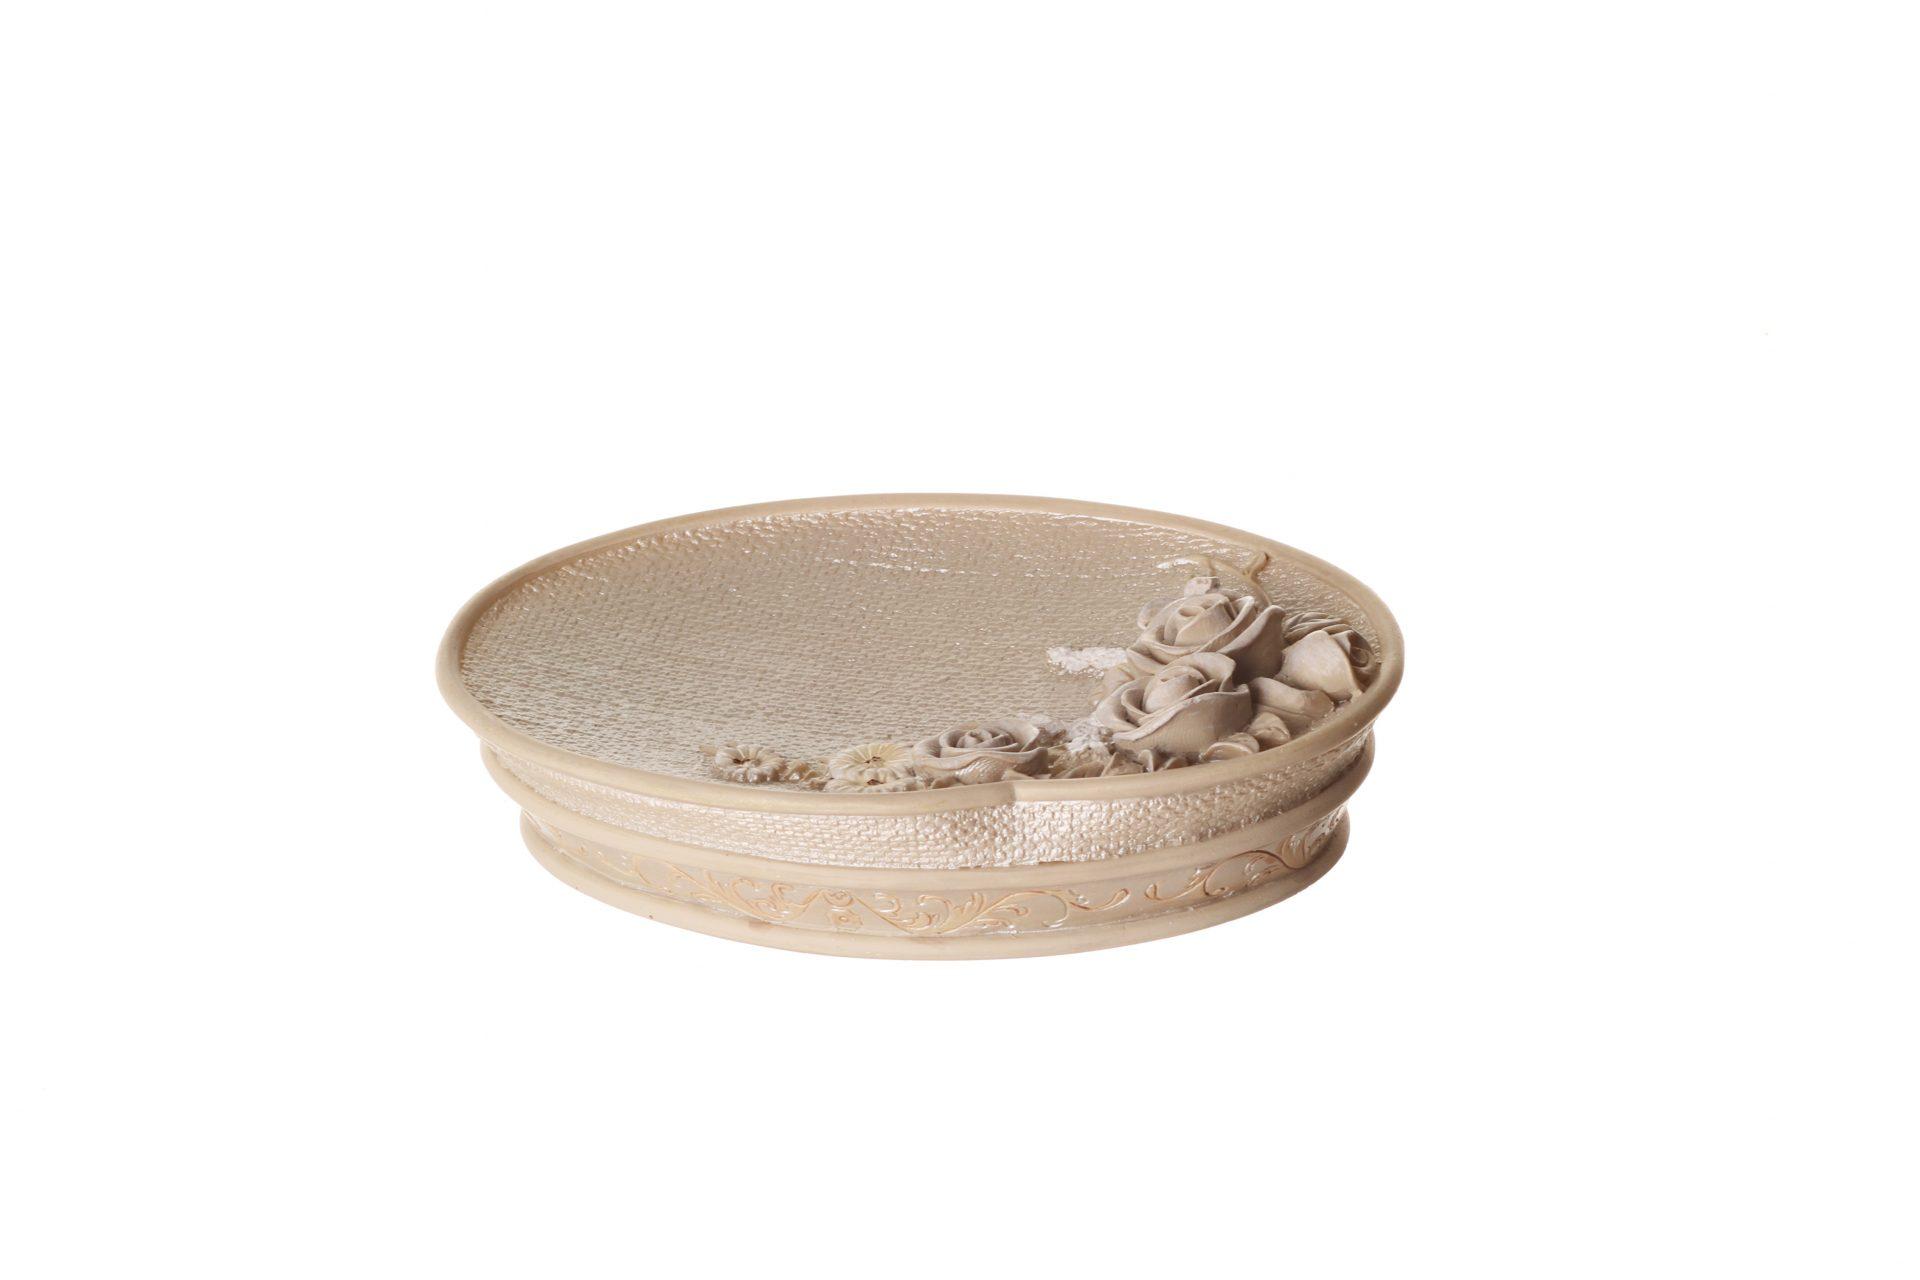 סט כלי אמבטיה שארל פנינה